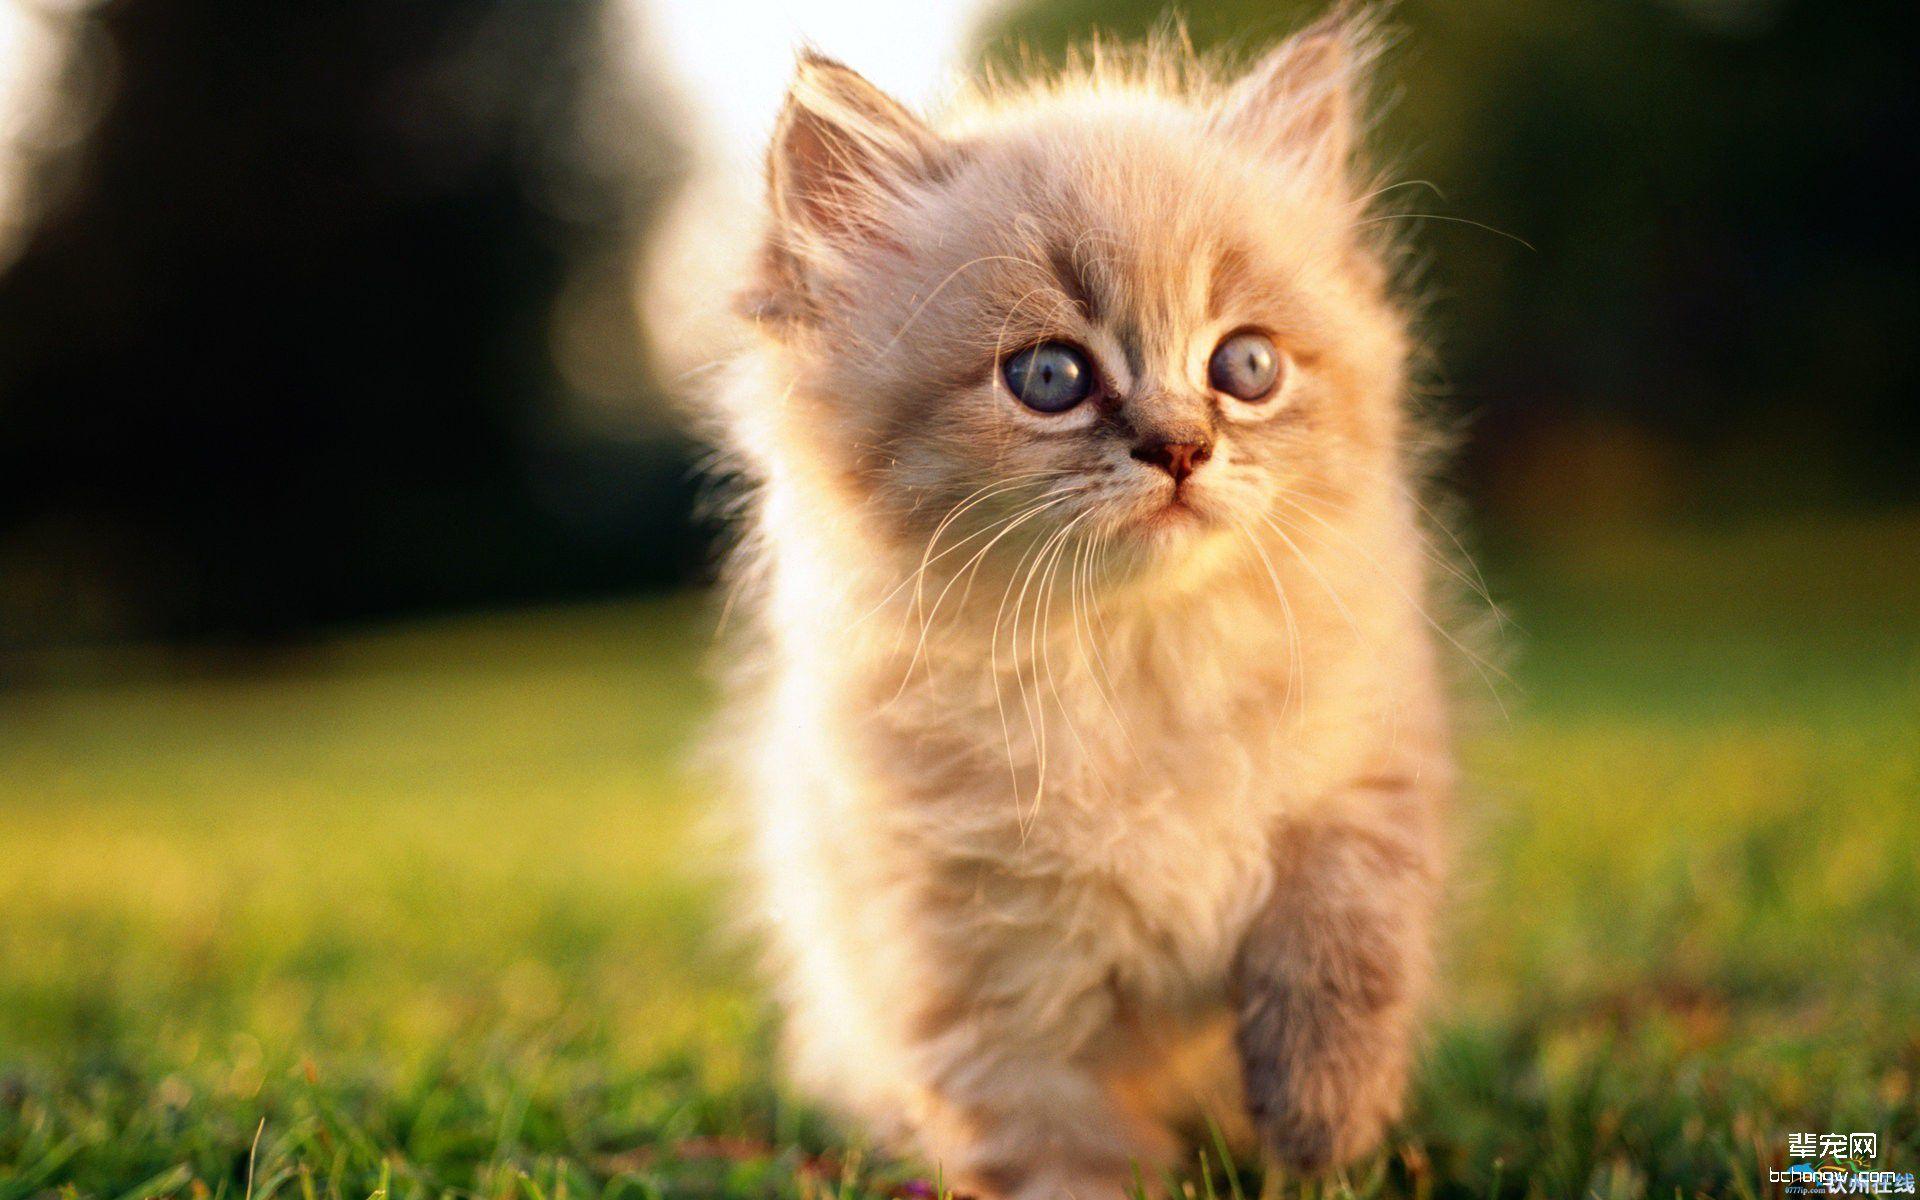 萌图鉴赏 猫咪 可爱的猫咪高清壁纸  1/ 10